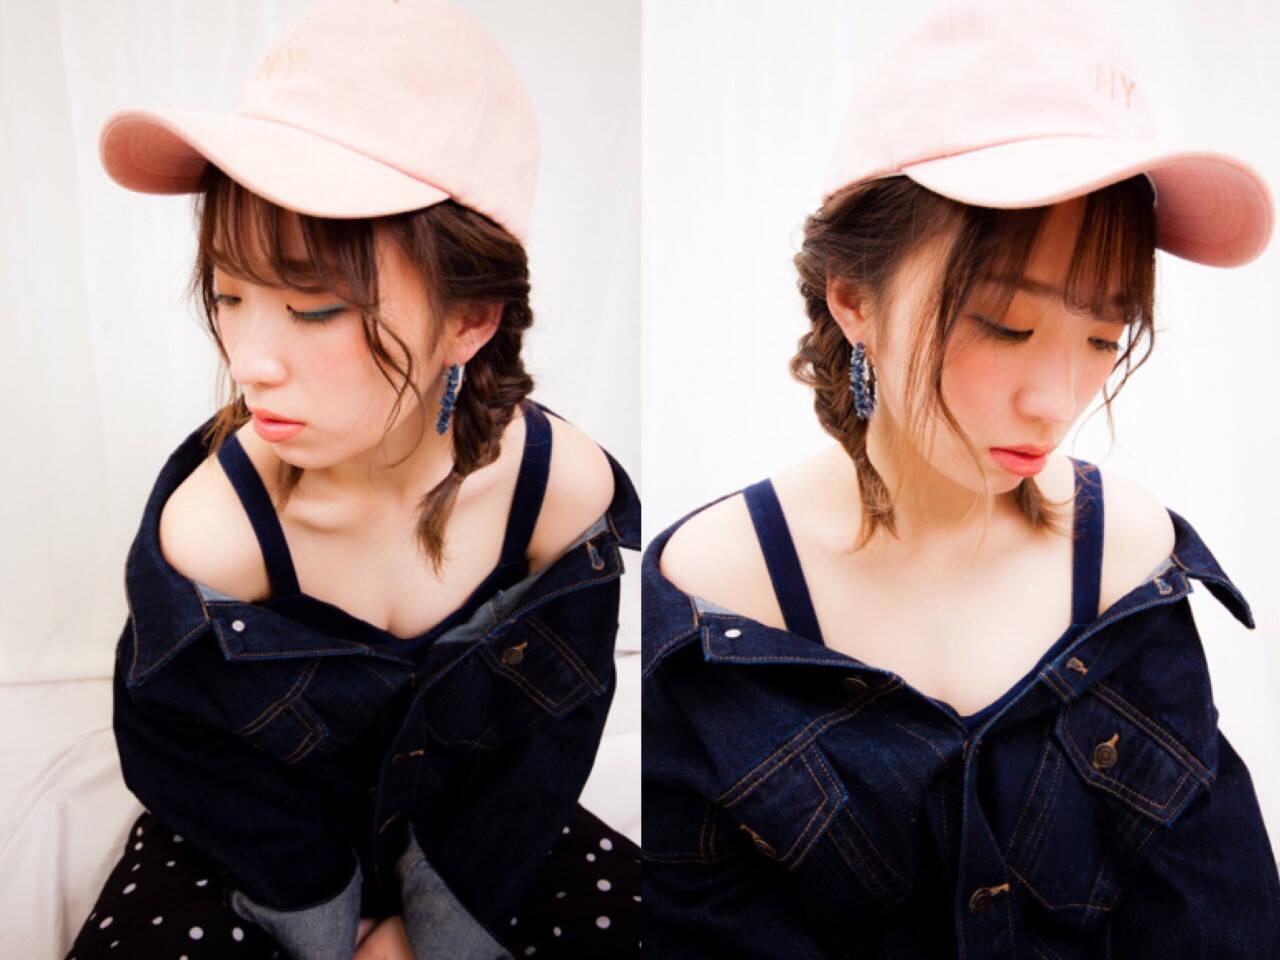 ミルクティー ヘアアレンジ フィッシュボーン フェミニンヘアスタイルや髪型の写真・画像